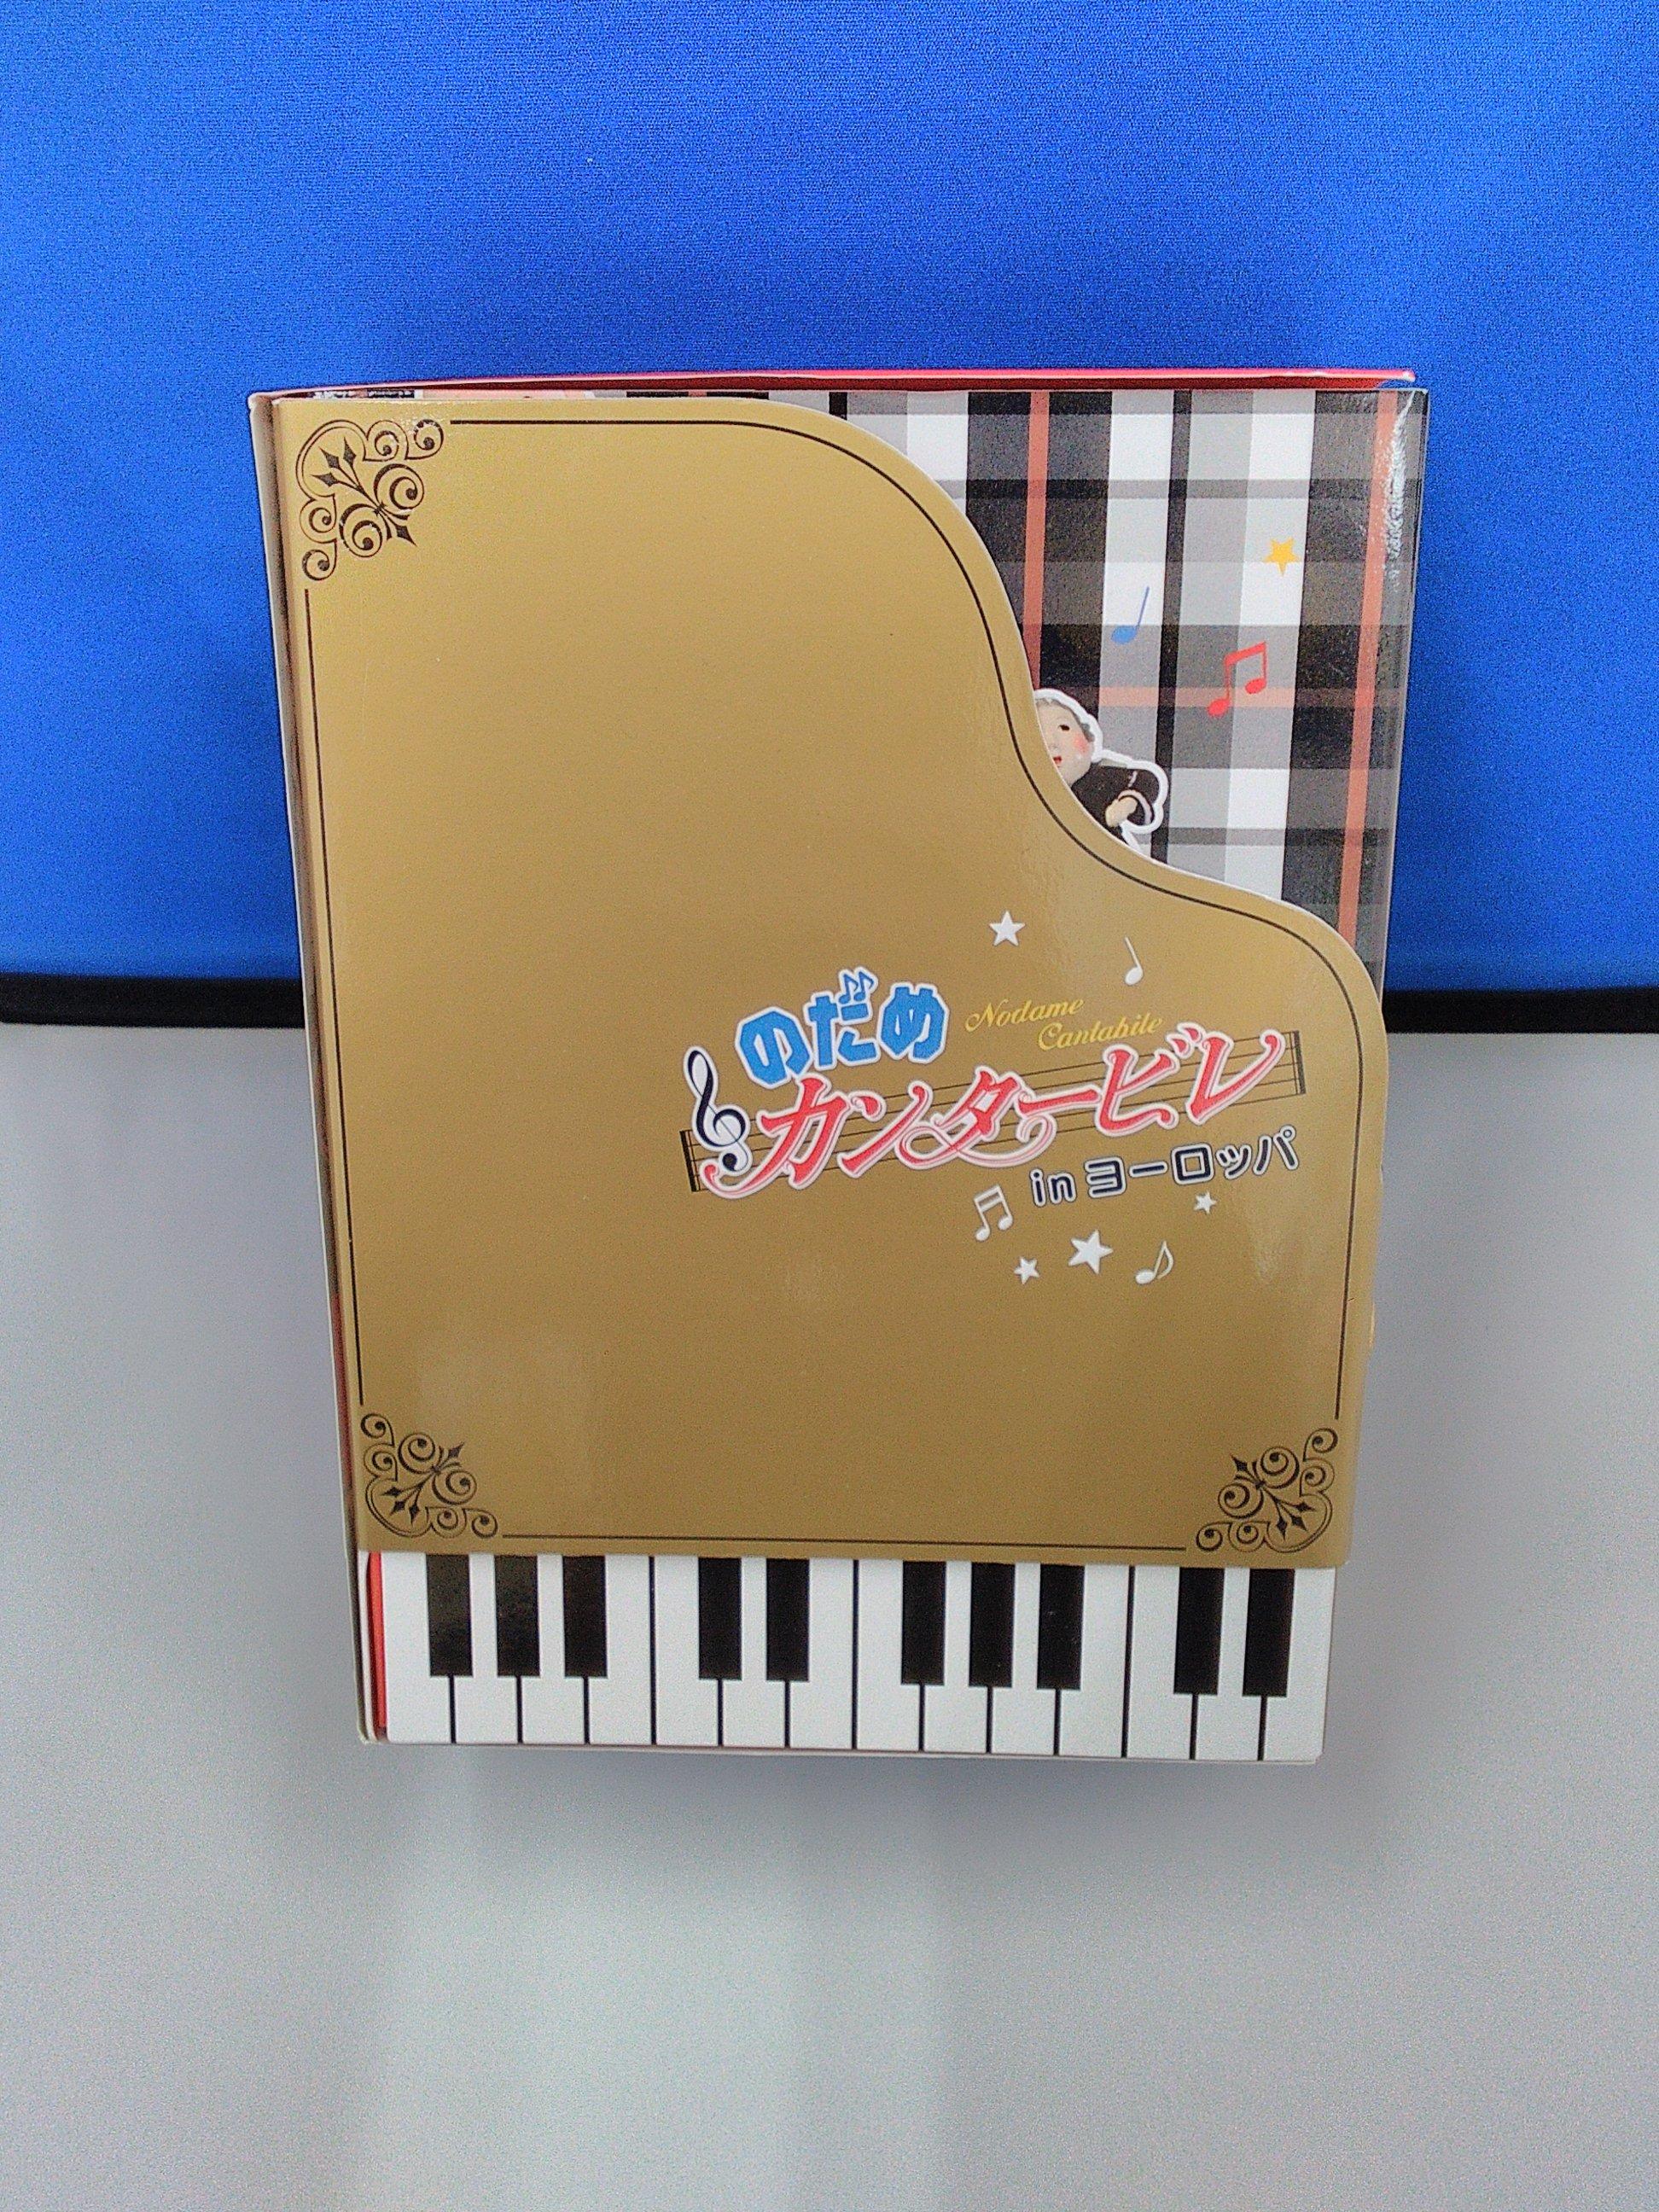 のだめカンタービレ IN ヨーロッパ DVD-BOX フジテレビ